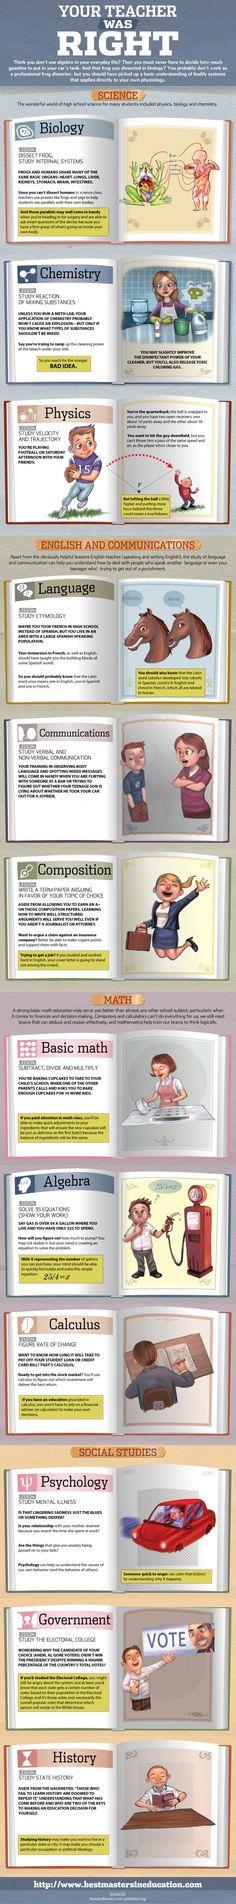 12 Ways Teachers Are Right